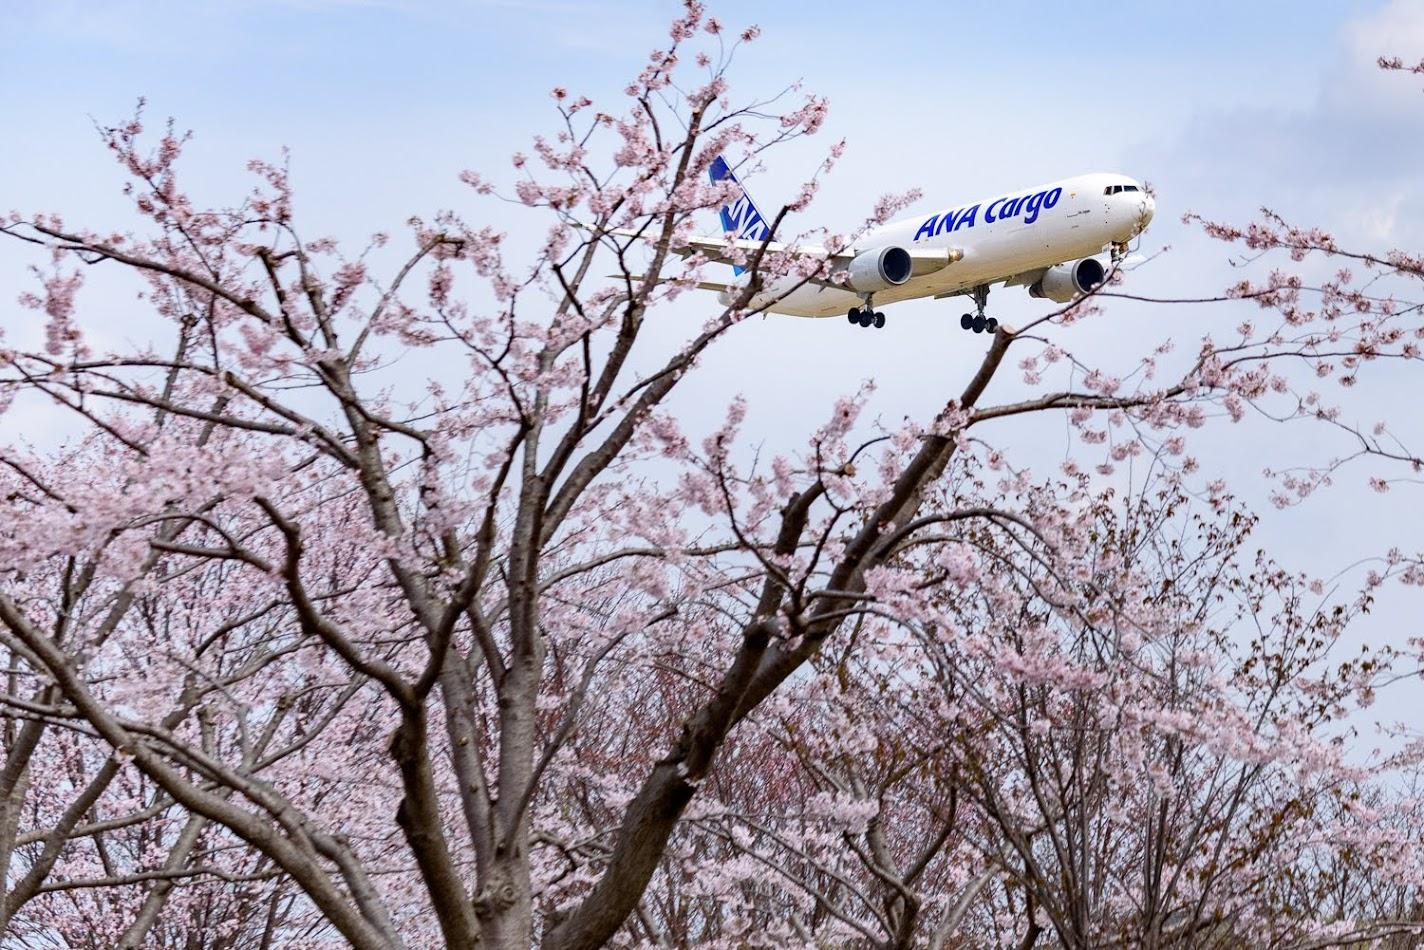 【旅5日目】成田空港近くの「さくらの山公園」で桜と飛行機のコラボを撮影